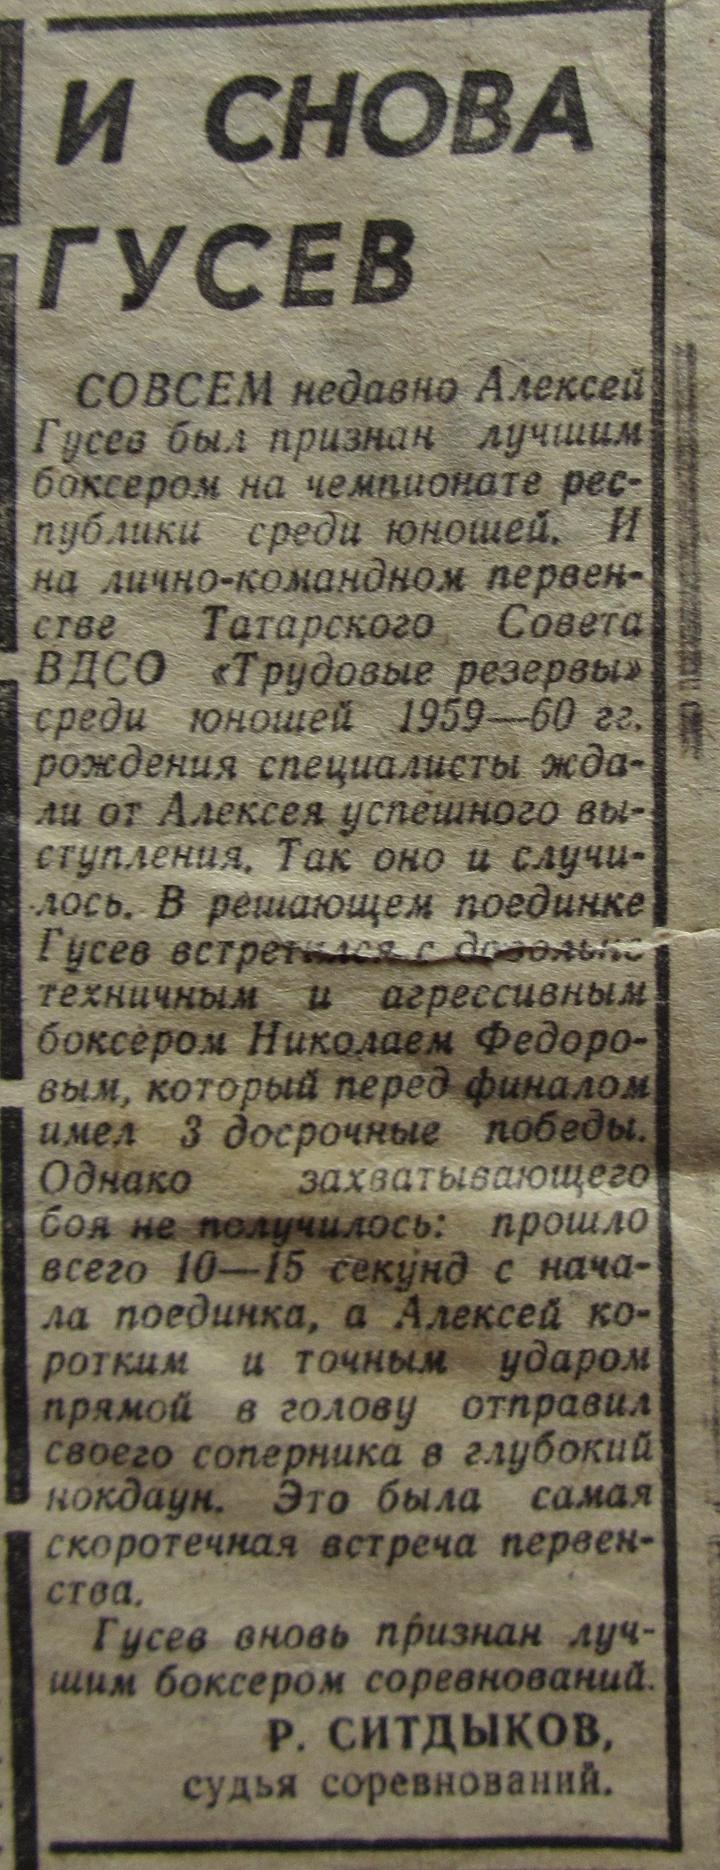 Гусев-Алексей-Михайлович-боксер-тренер